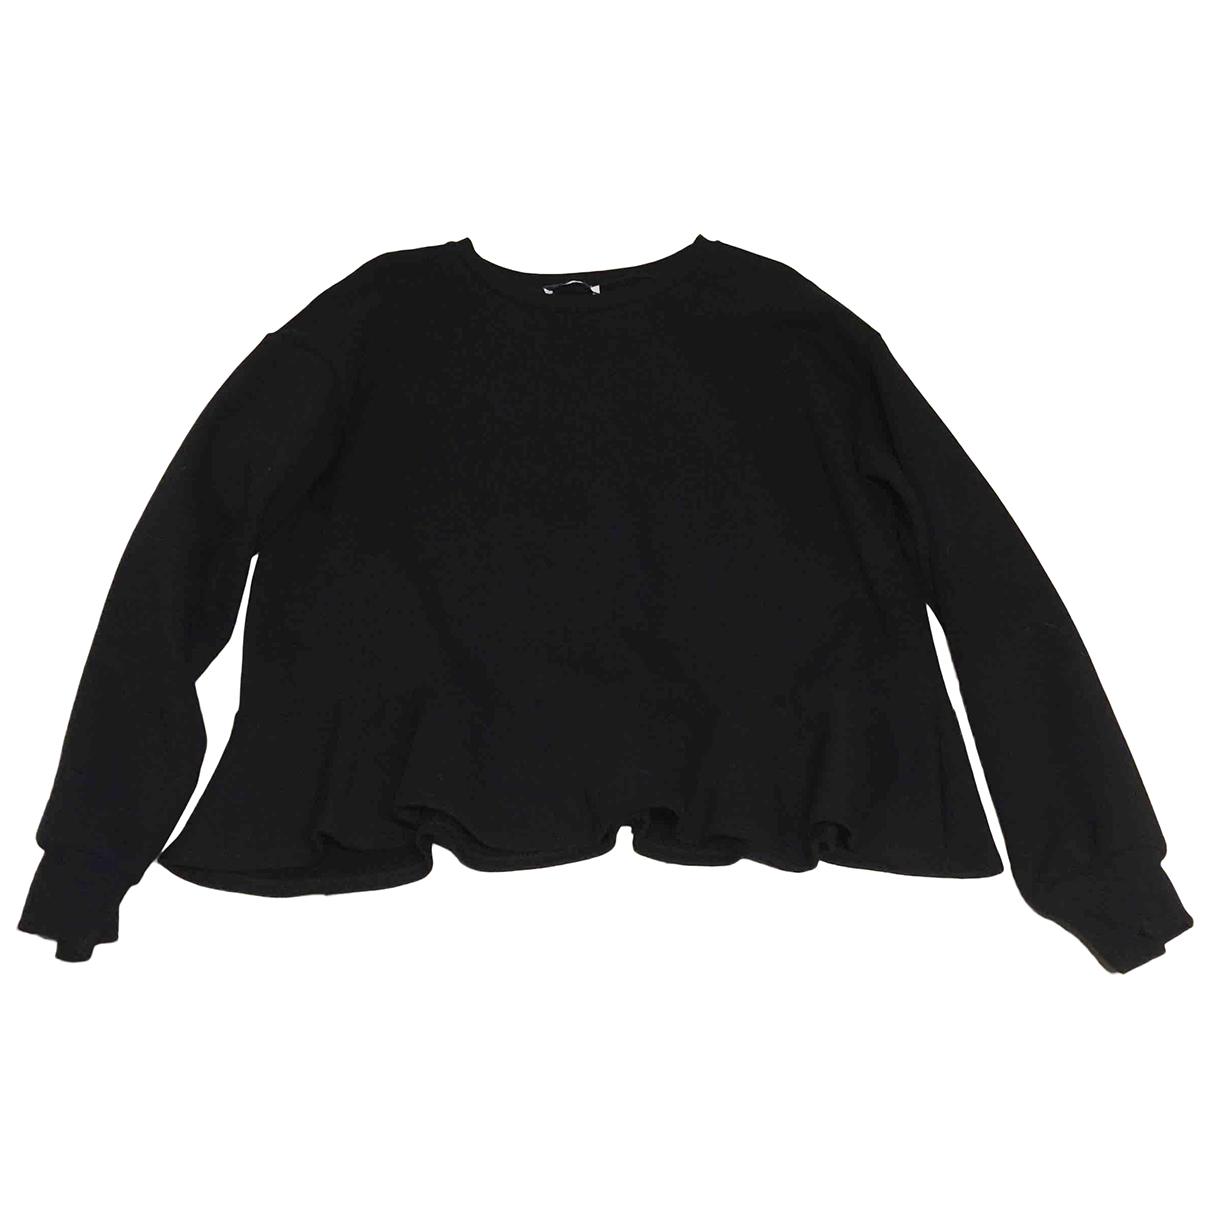 Zara \N Pullover in  Schwarz Baumwolle